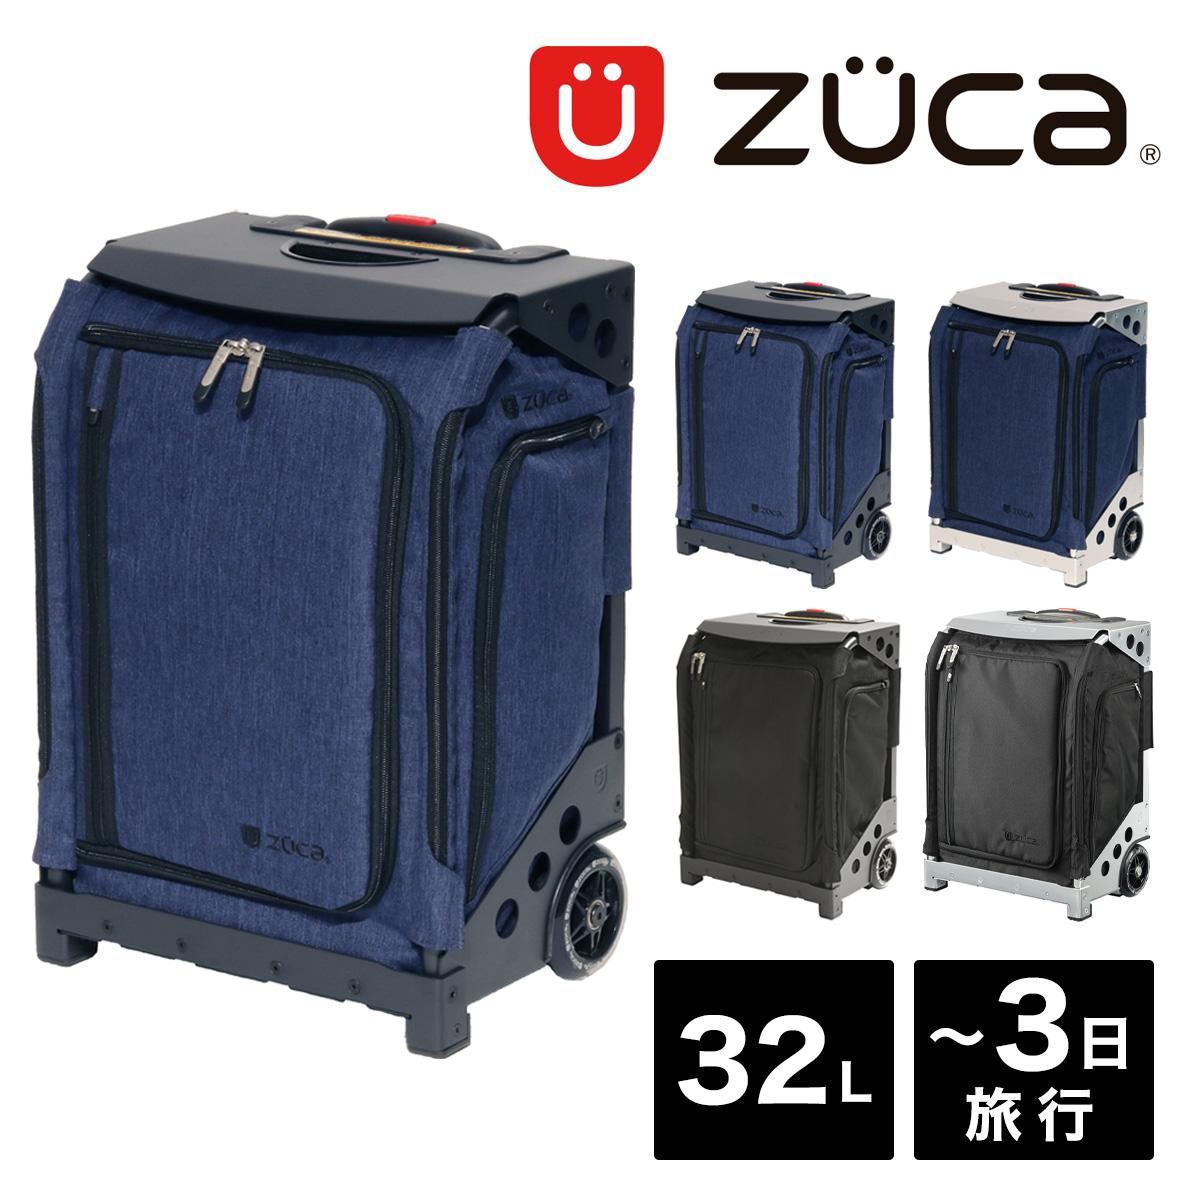 ズーカ スーツケース 3300 NAVIGATOR | ZUCA ナビゲーター キャリーケース キャリーバッグ ソフトキャリー 機内持ち込み[bef][PO10][即日発送]